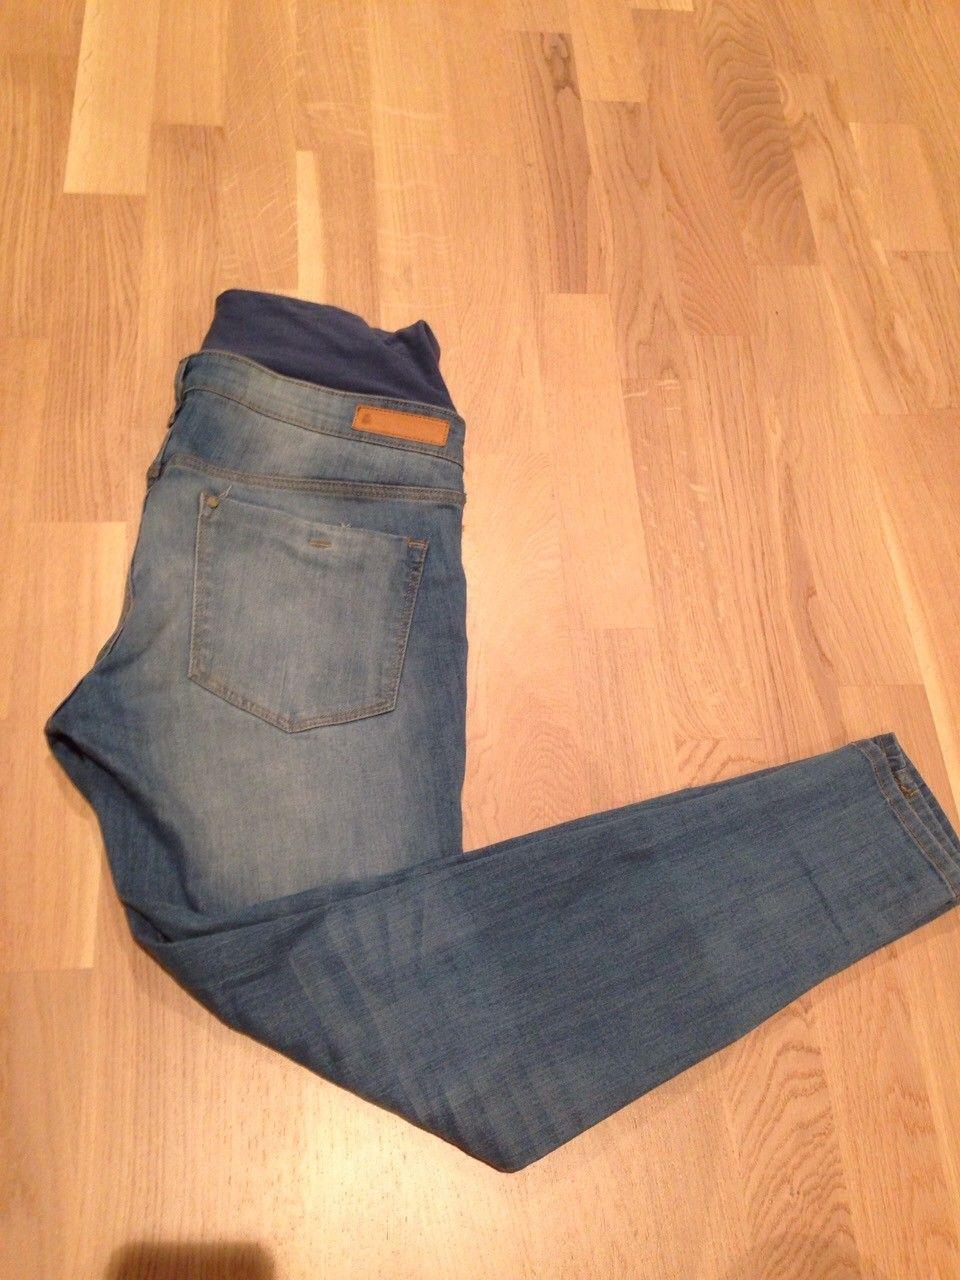 Mammabukse str 40 fra HM - Bekkestua  - Mama Jeans / Bukse fra HM i str 40 selges for 160 kr. Brukt et par ganger etter fødsel kun